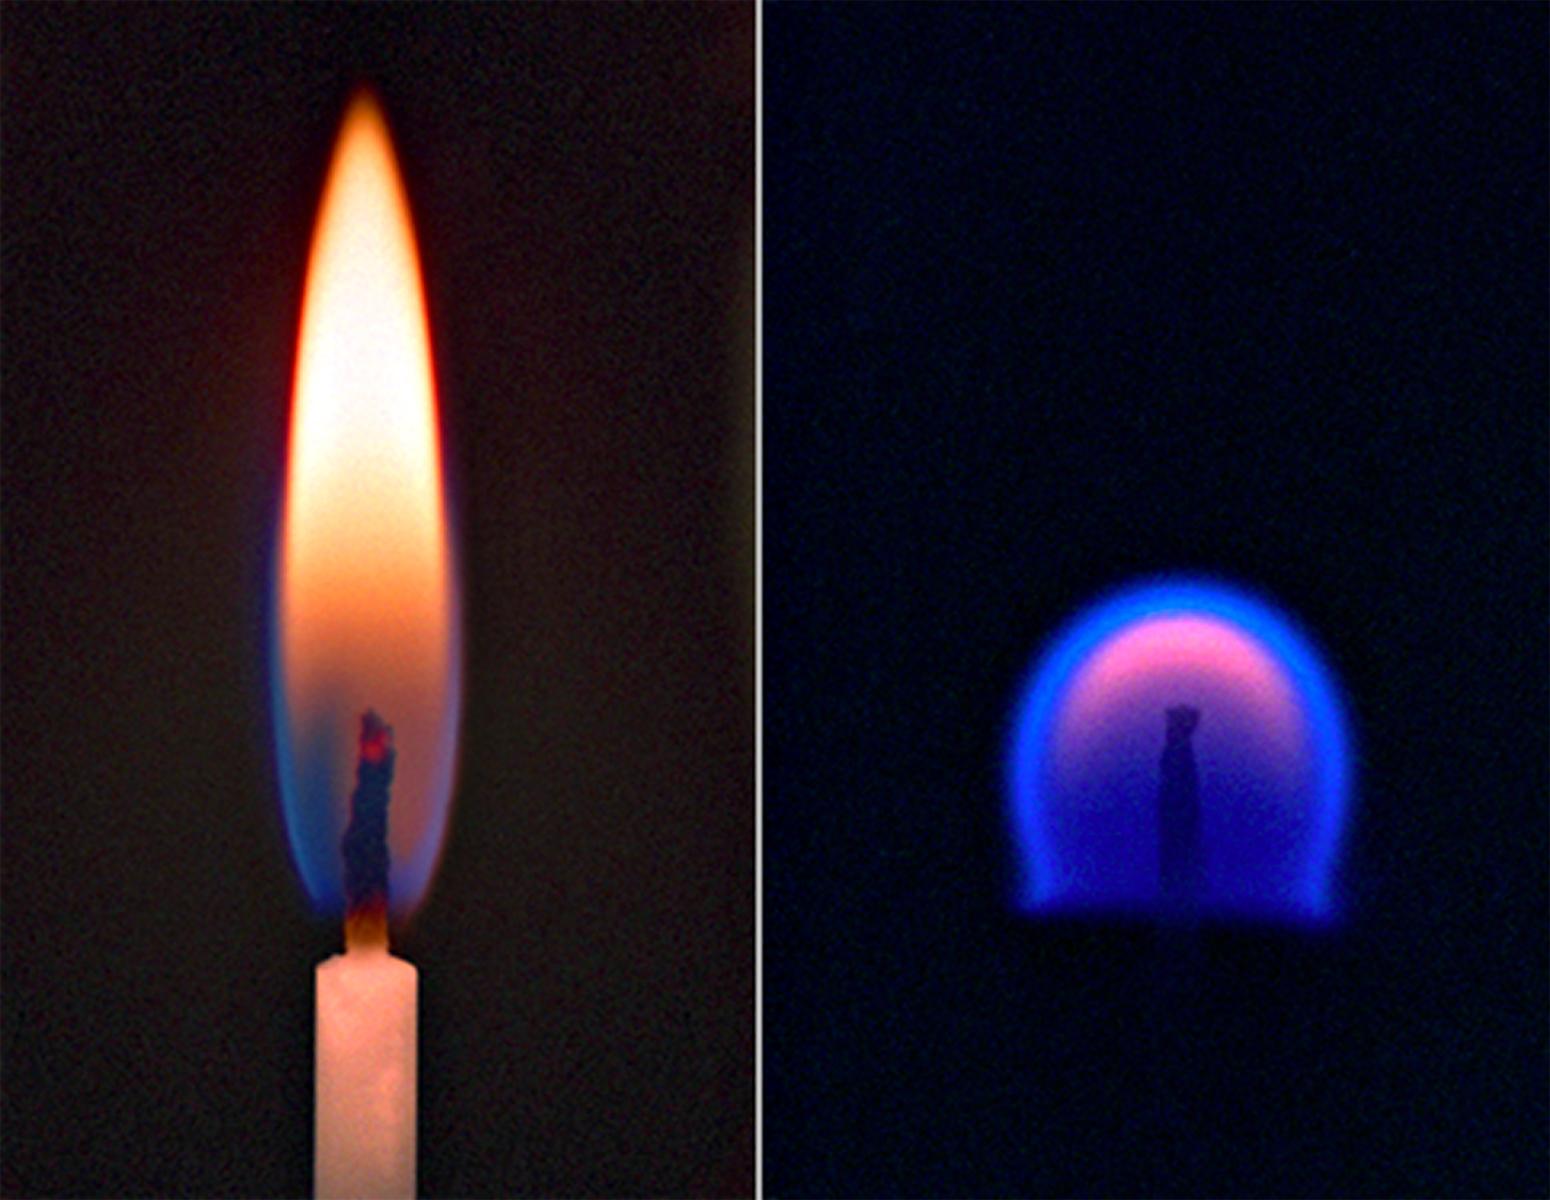 Świeczka płonąca na Ziemi a świeczka płonąca w warunkach obniżonej grawitacji jaka panuje na stacji kosmicznej.